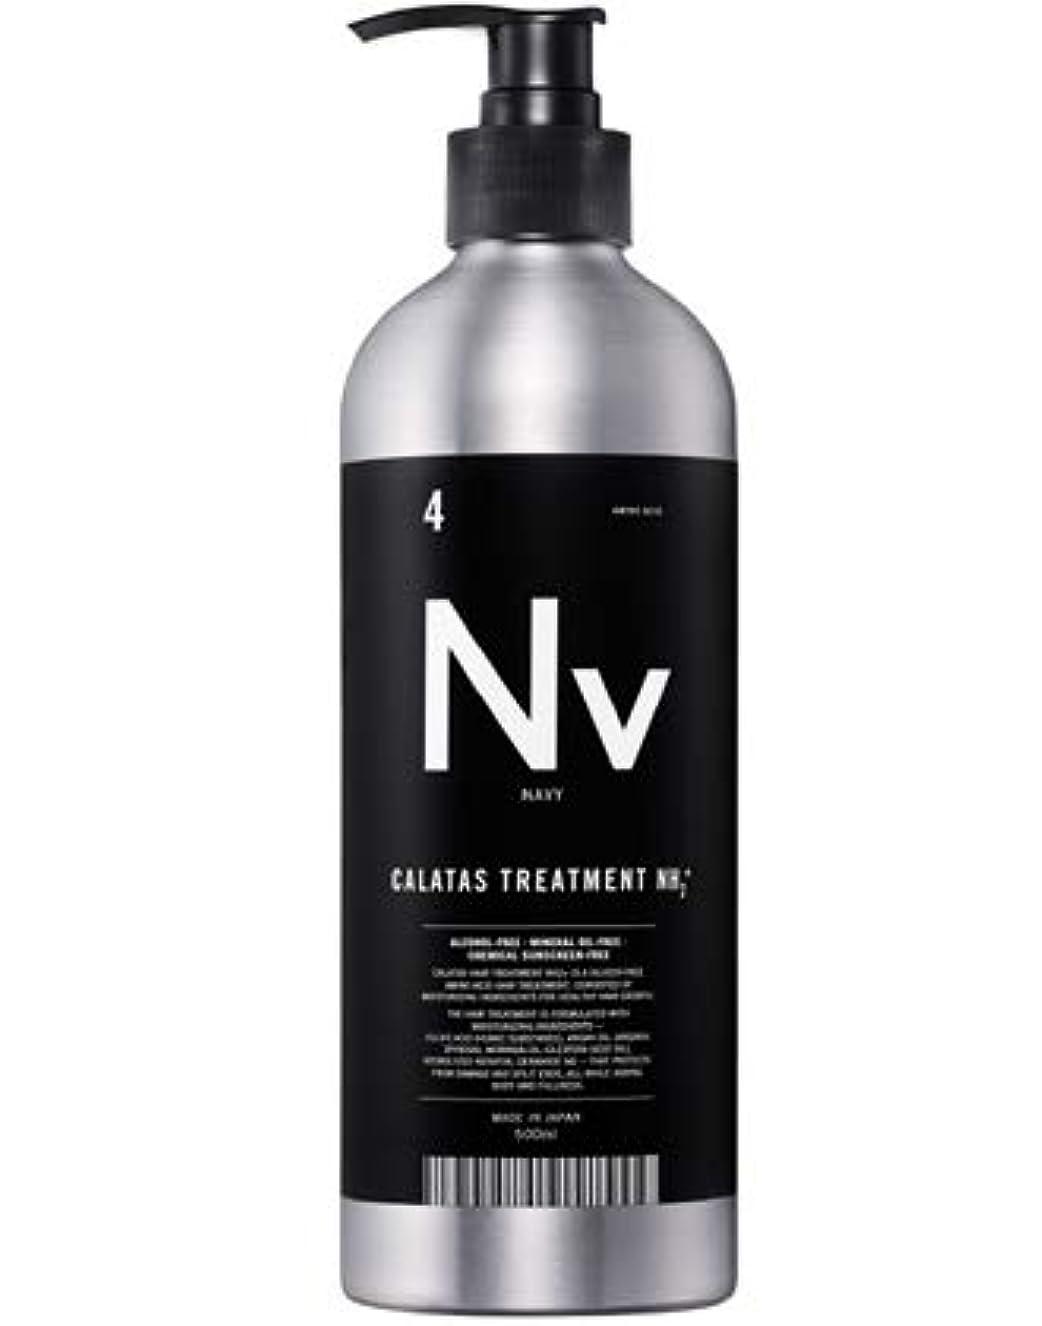 買い手シリーズ放射能カラタス トリートメント NH2+ Nv(ネイビー)500ml